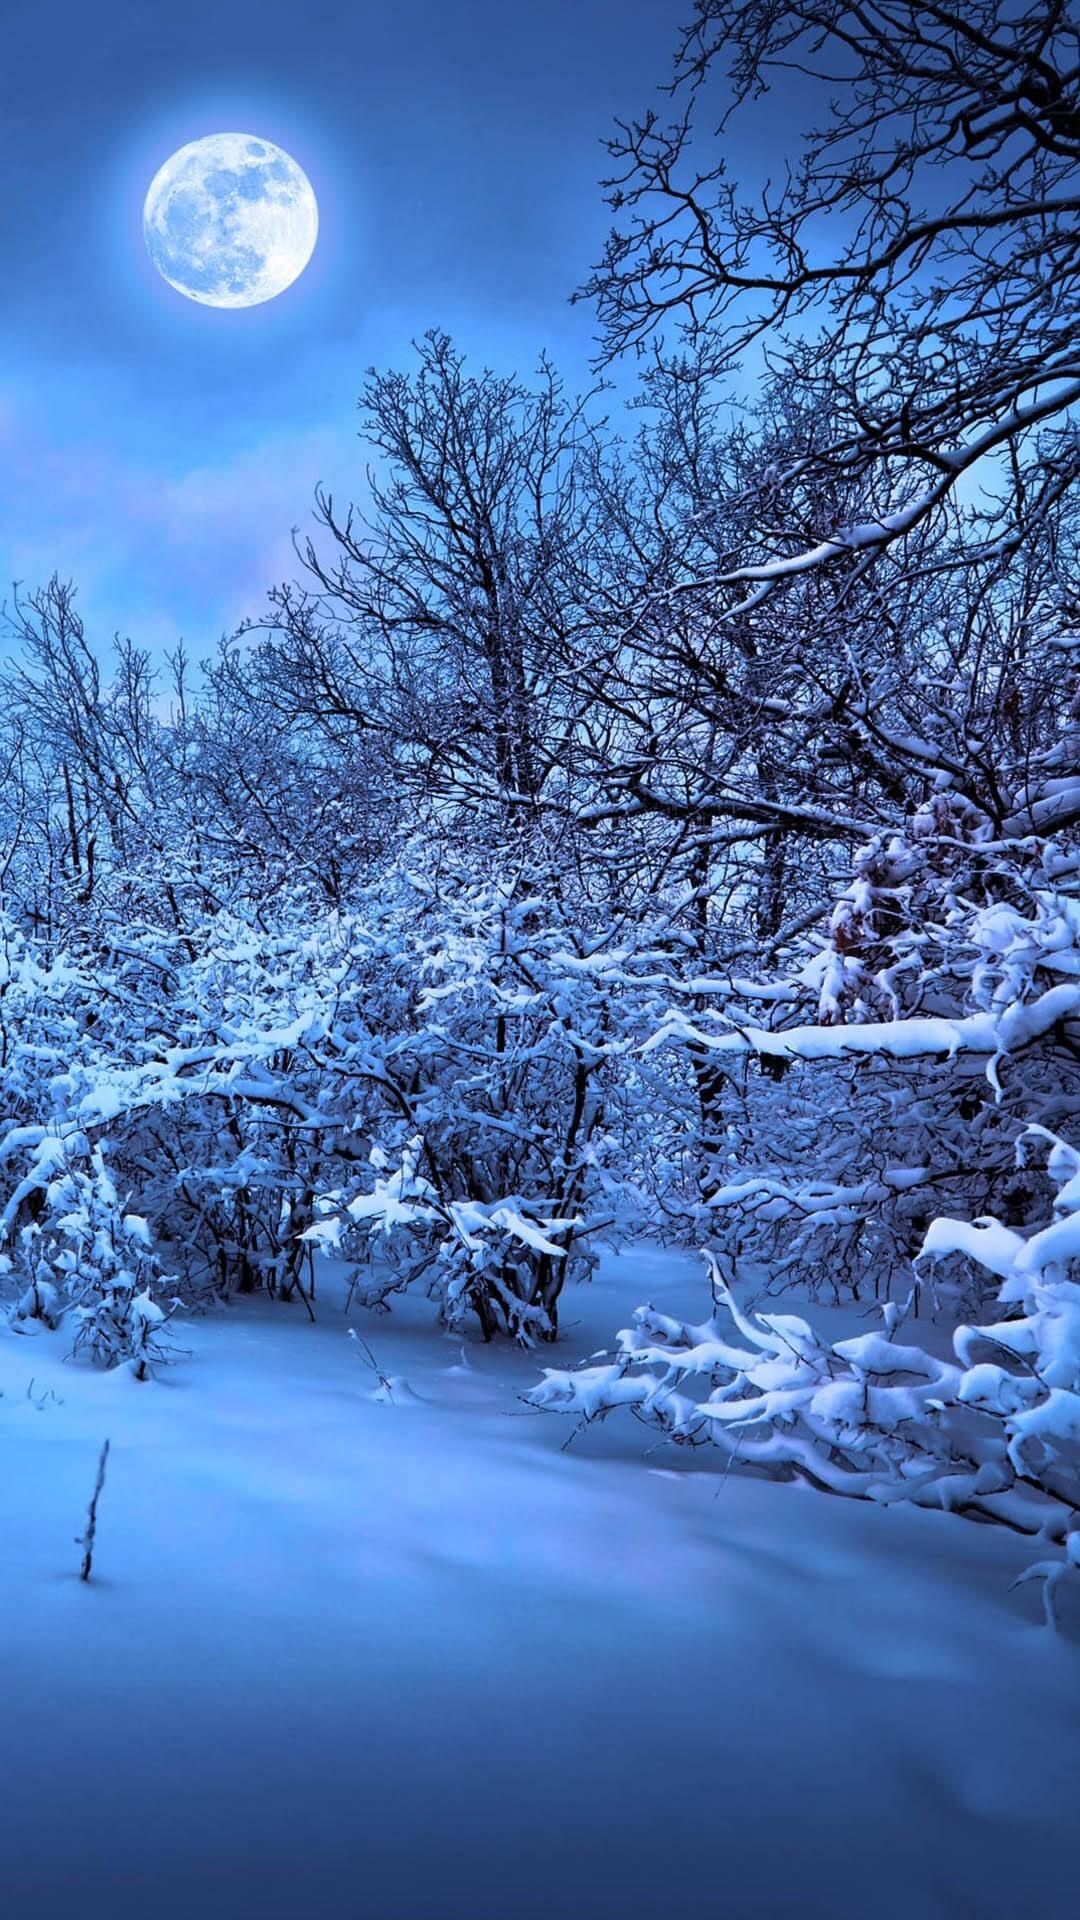 Скачать Обои На Андроид Зима